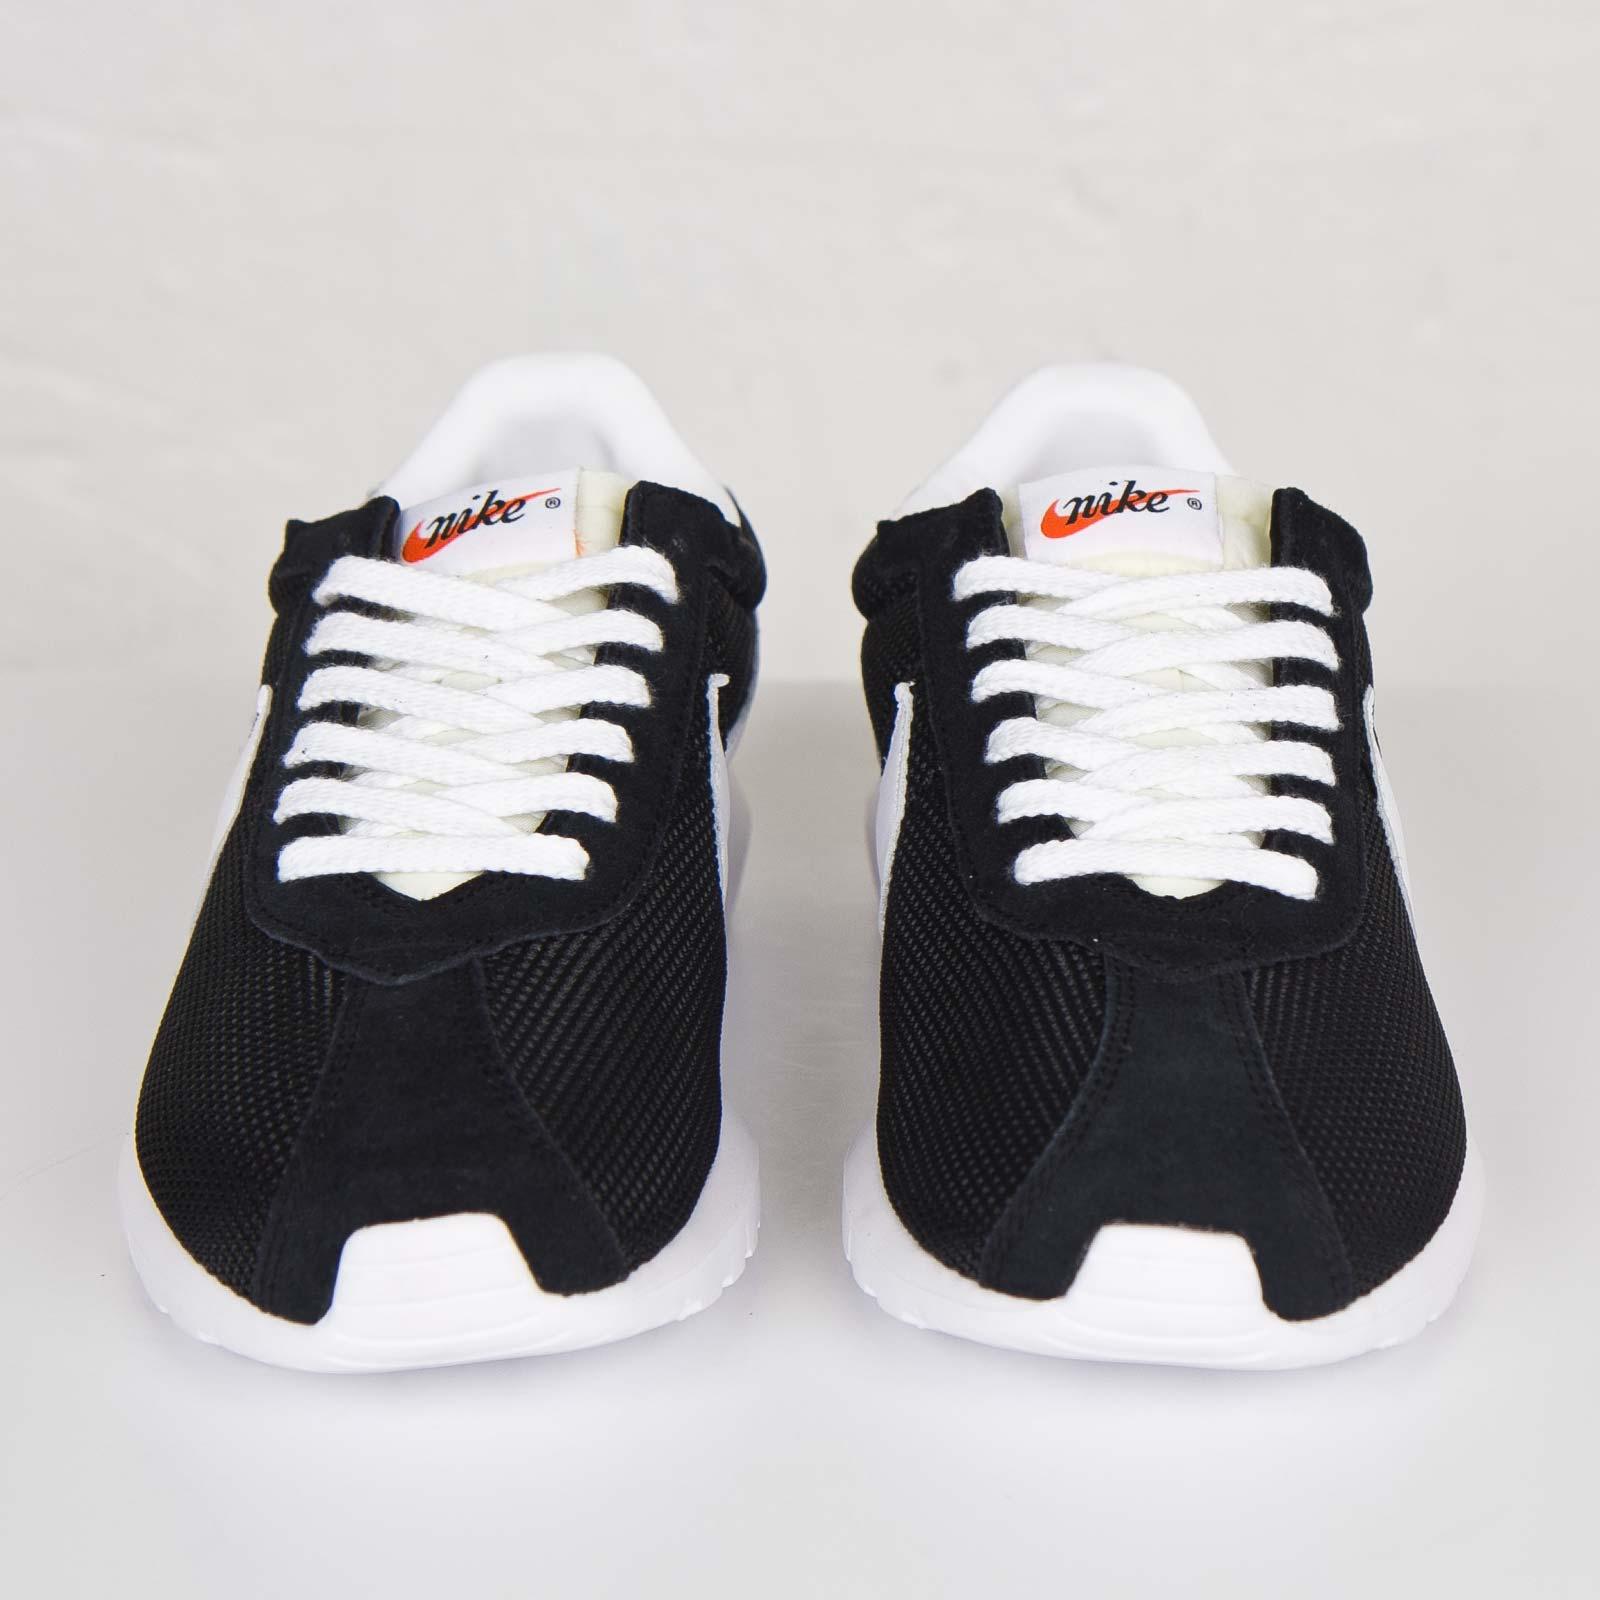 reputable site bbd5f 64523 Nike Roshe LD-1000 QS - 802022-001 - Sneakersnstuff   sneakers   streetwear  online since 1999